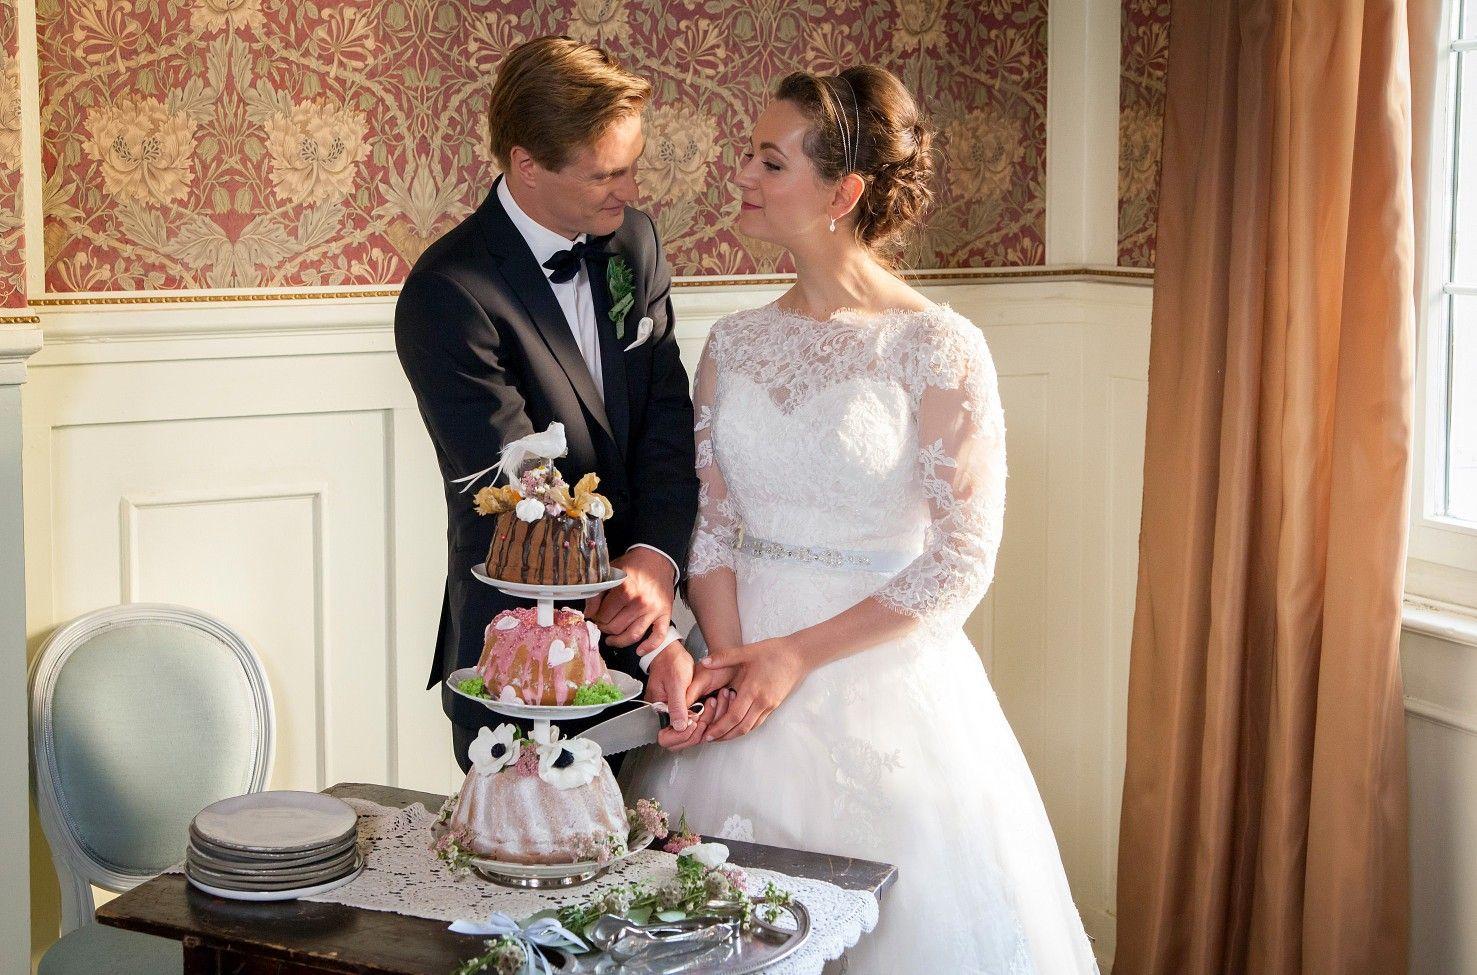 Pin Von Sonja Rippert Auf Sturm Der Liebe Brautpaare Hochzeitskleid Spitze Kleid Hochzeit Sturm Der Liebe